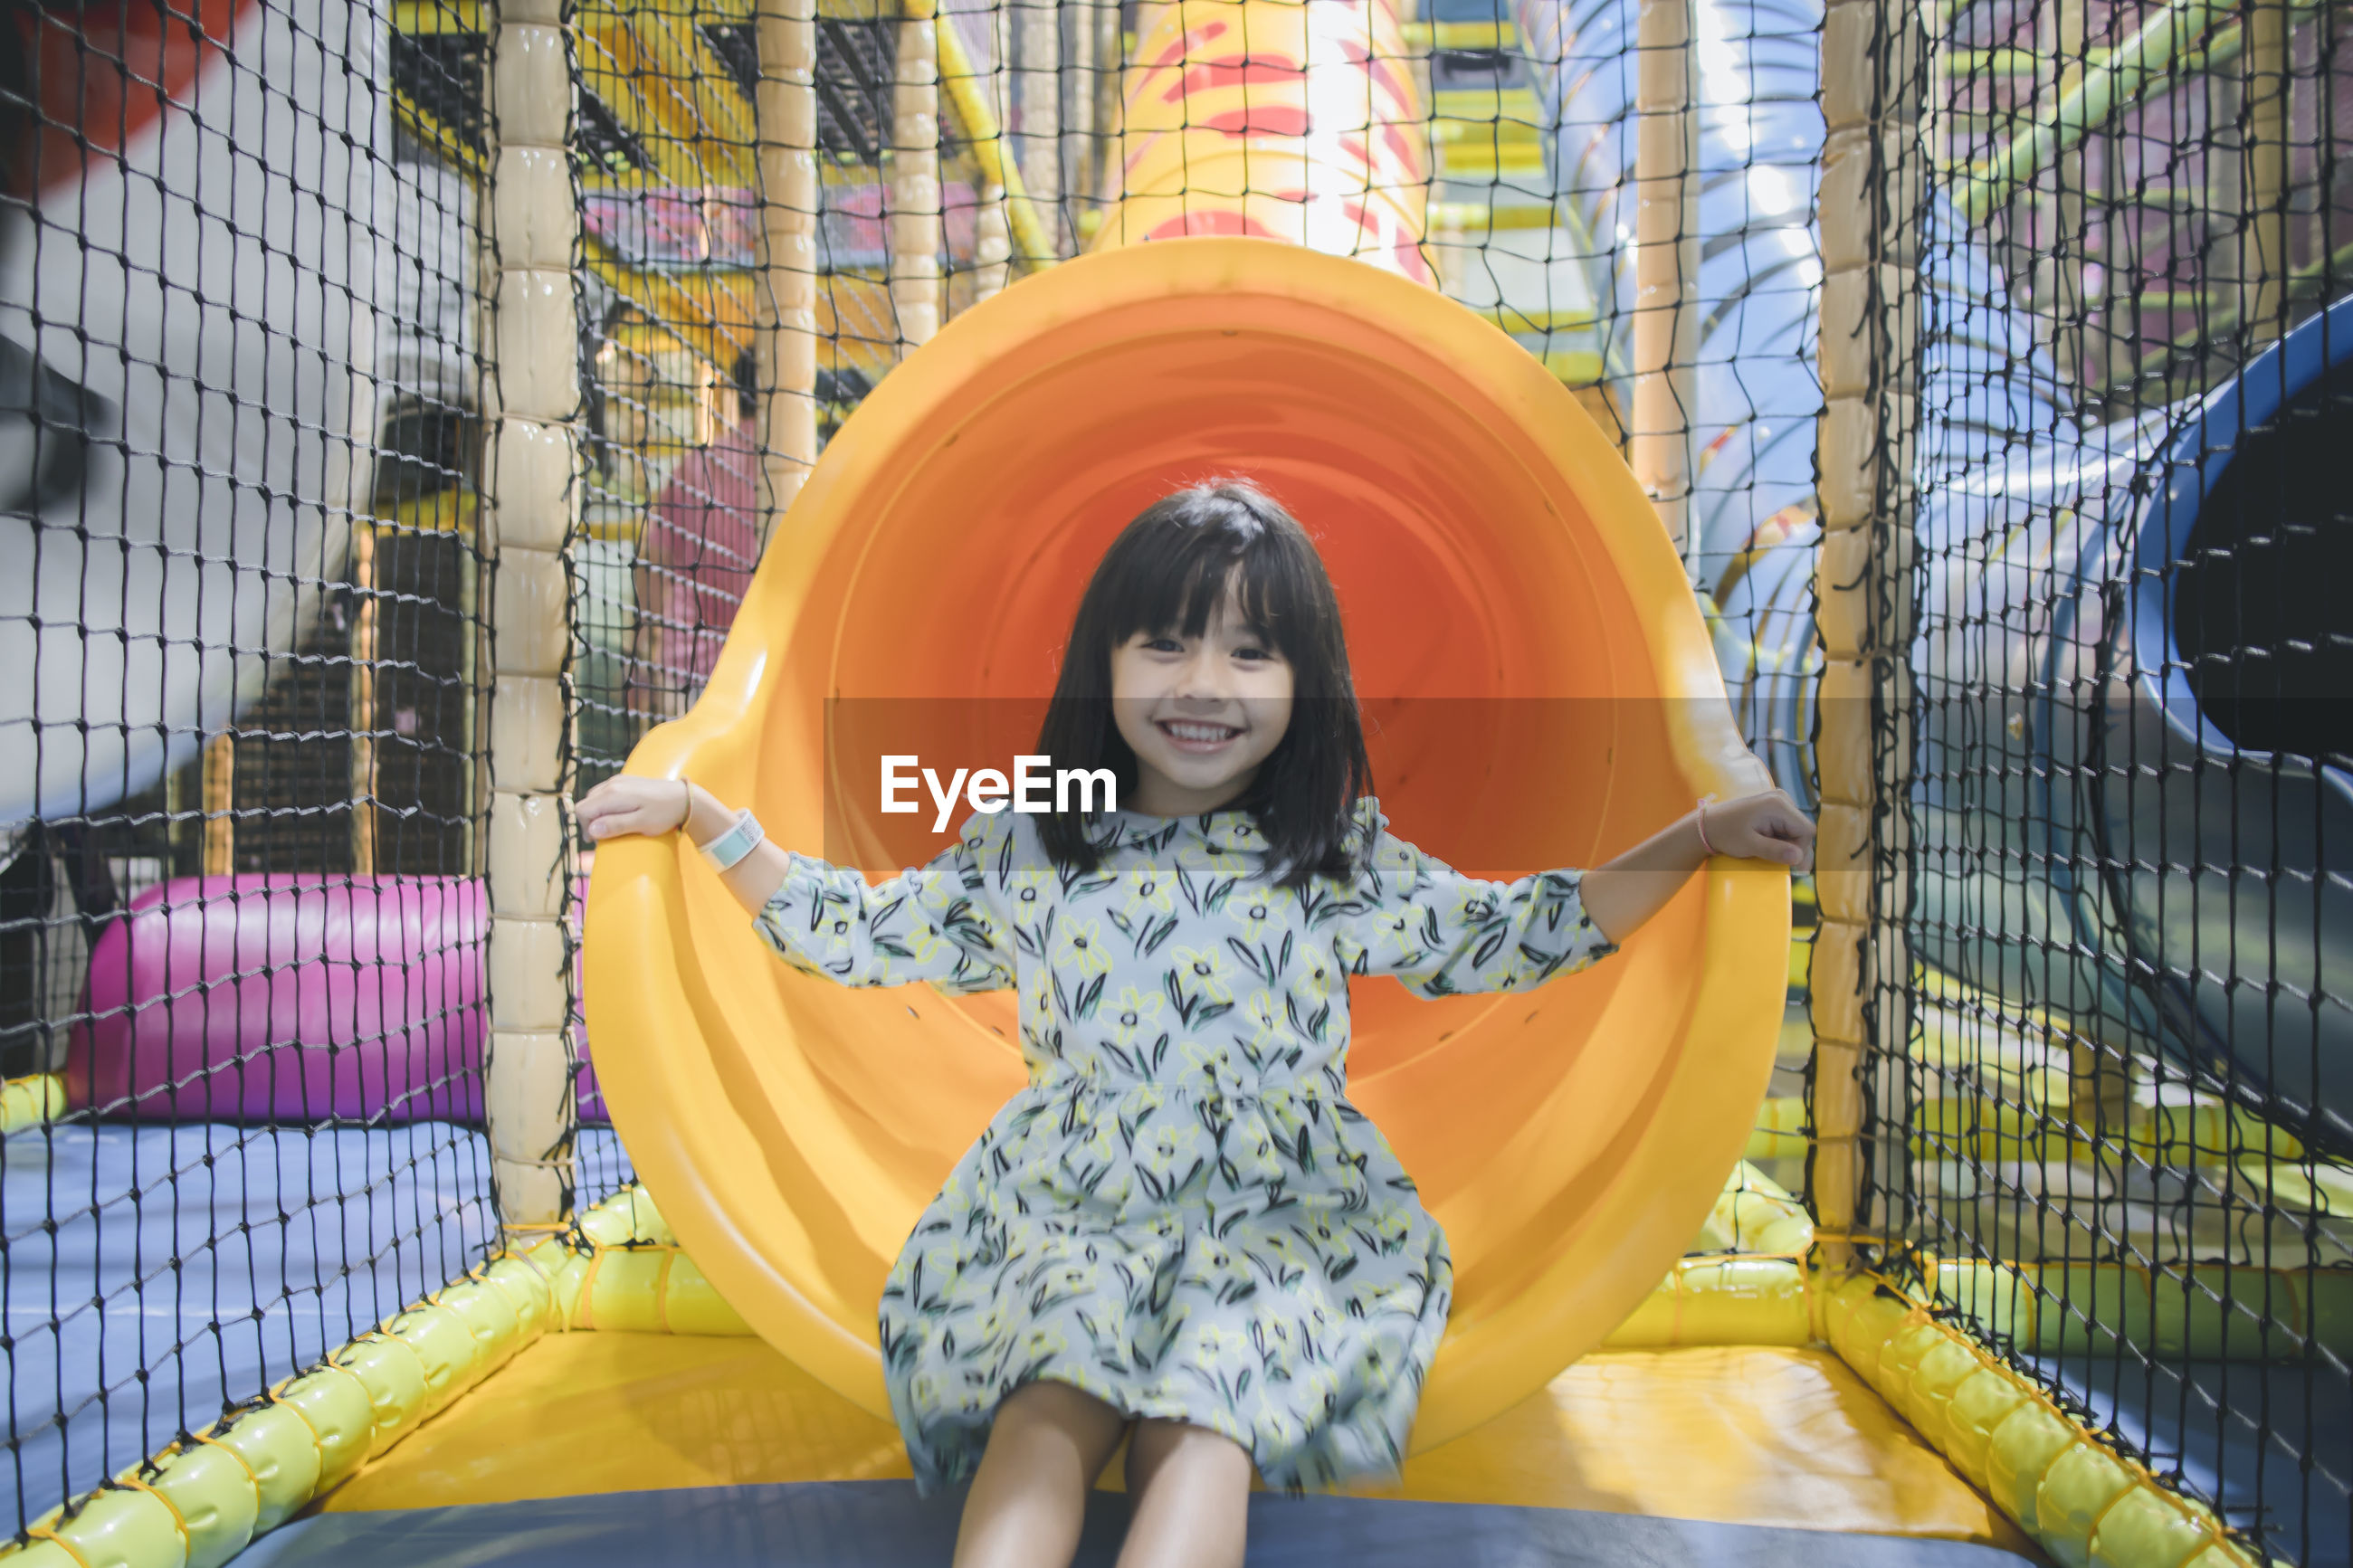 Portrait of smiling innocent girl sitting in slide